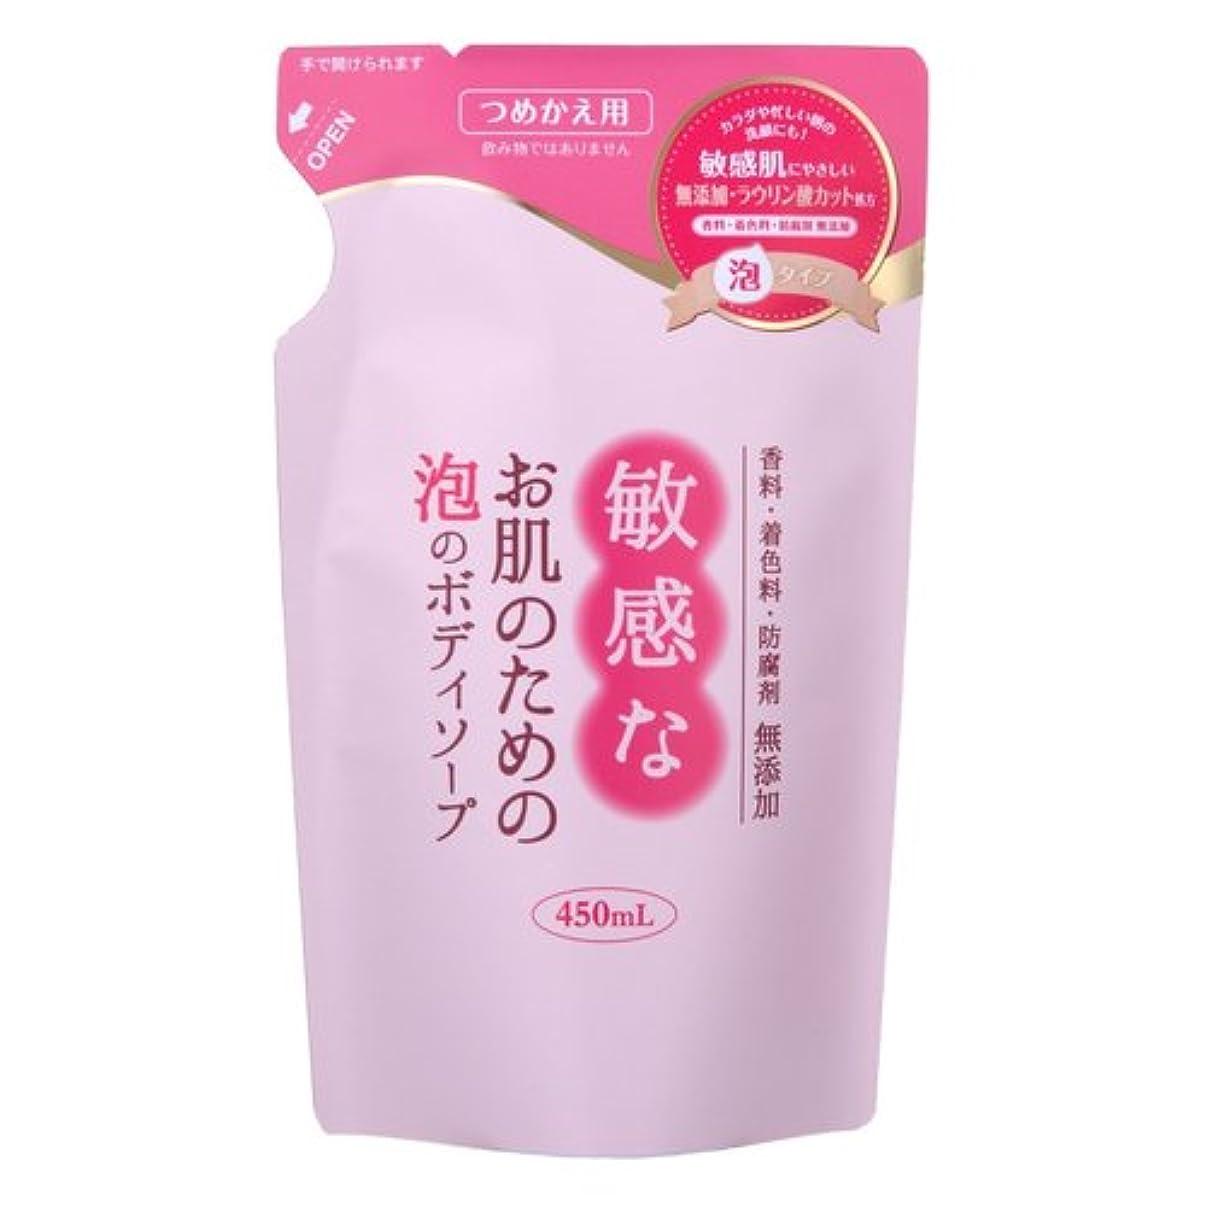 いつ忌み嫌う考える敏感なお肌のための泡のボディソープ 詰替 450mL CBH-FBR